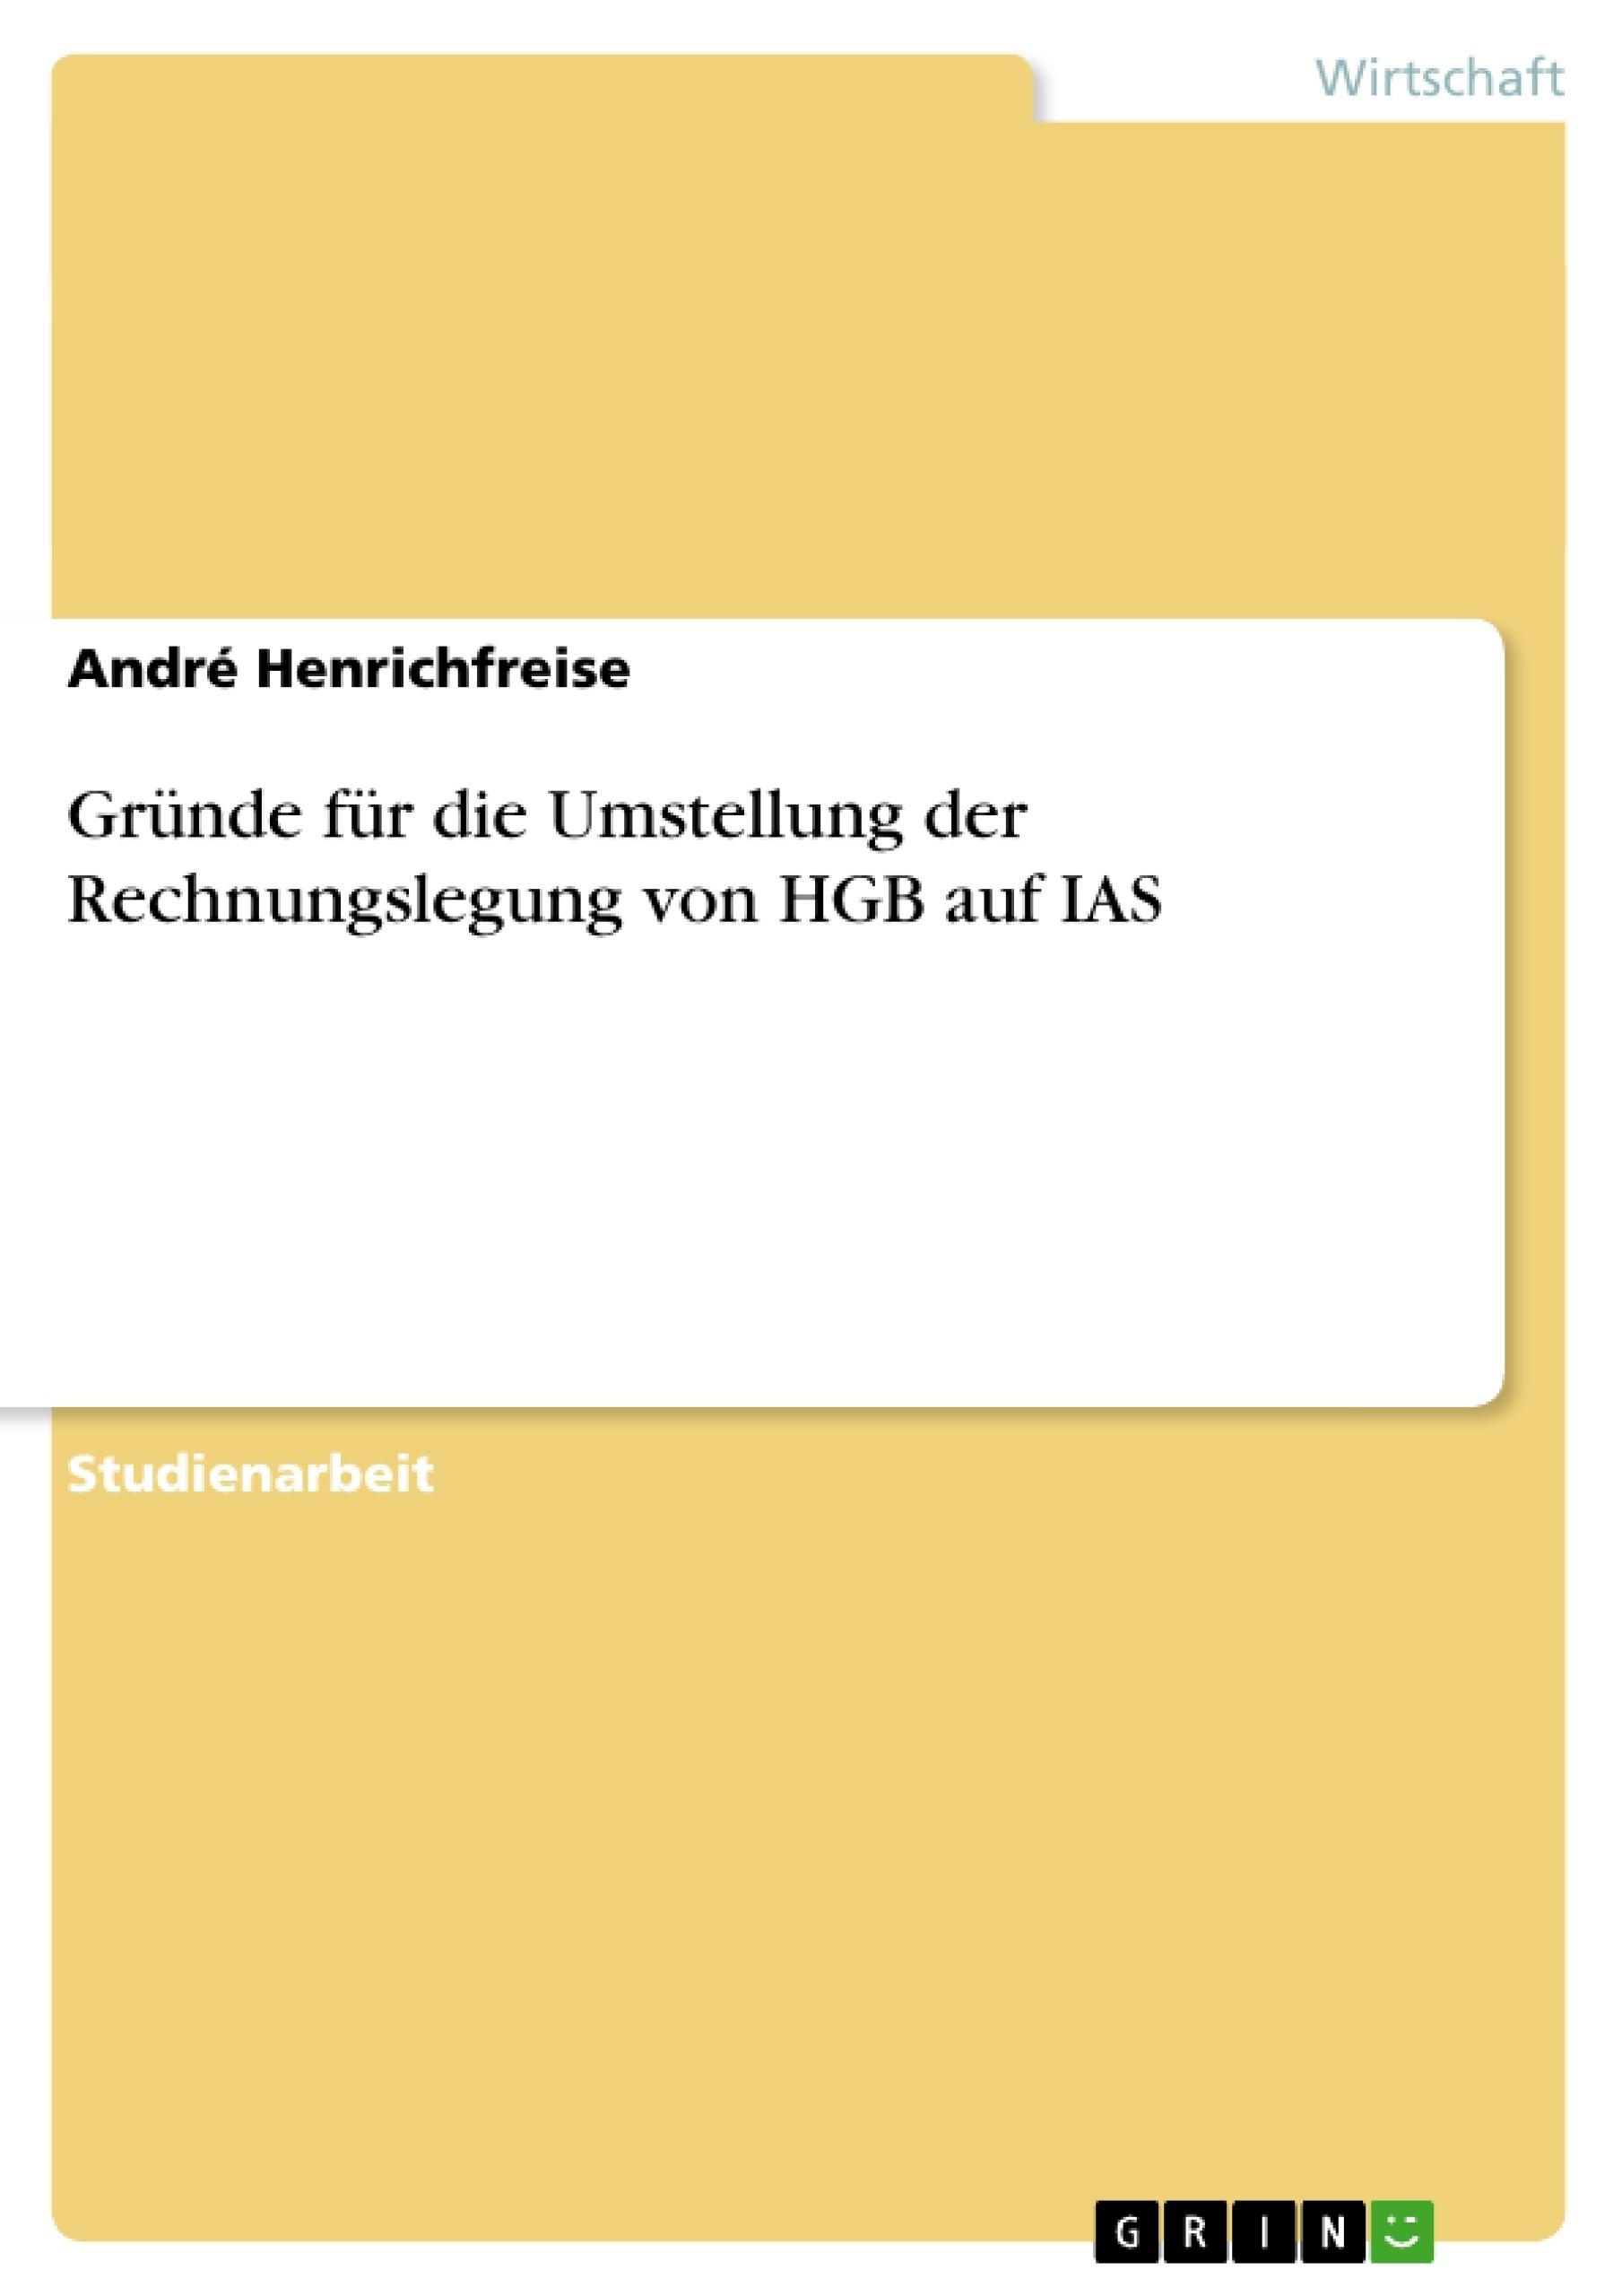 Titel: Gründe für die Umstellung der Rechnungslegung von HGB auf IAS